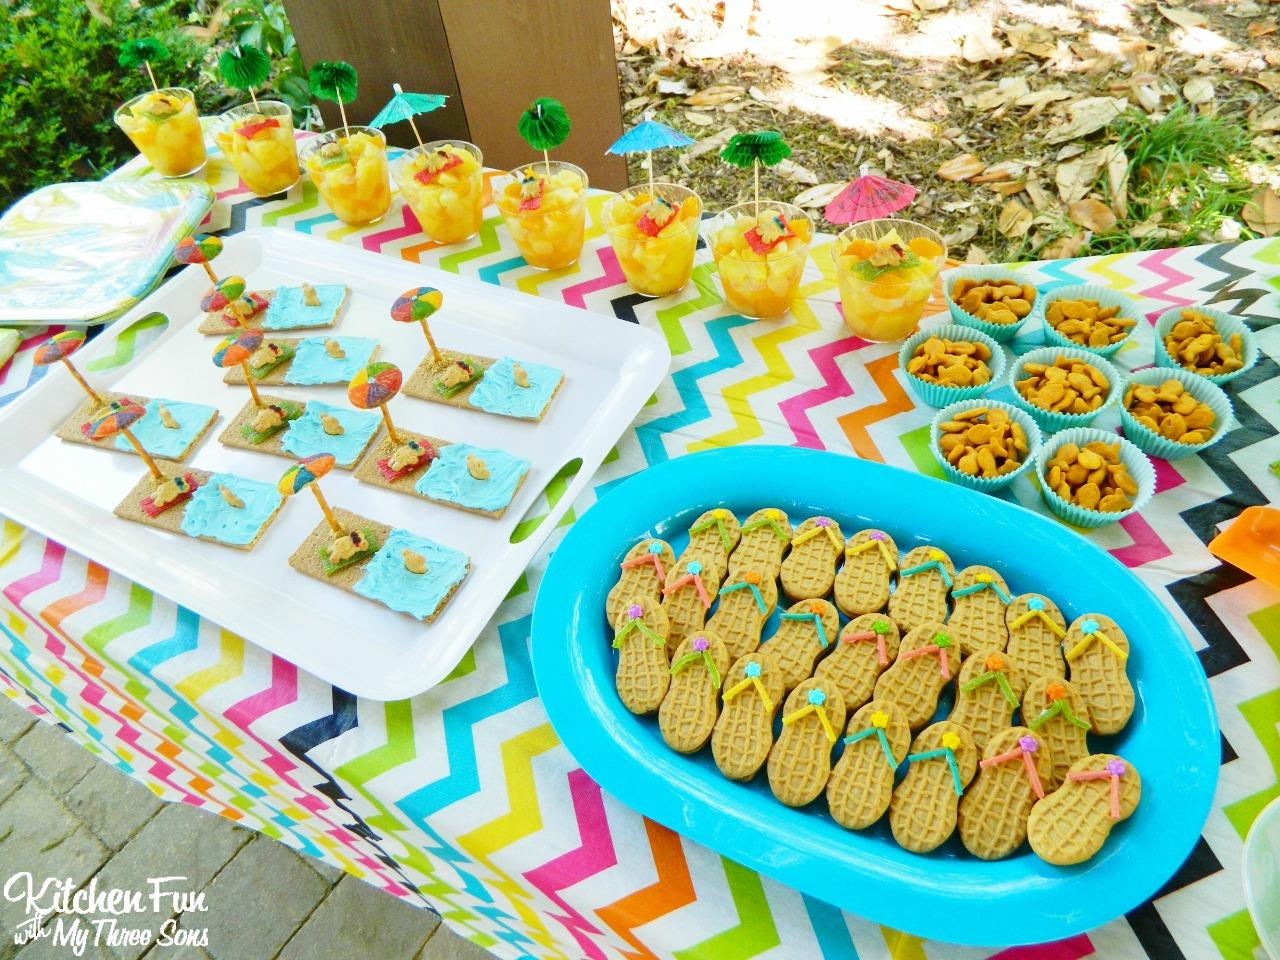 Beach Party Food Ideas Teddy Bear Treats Snacks